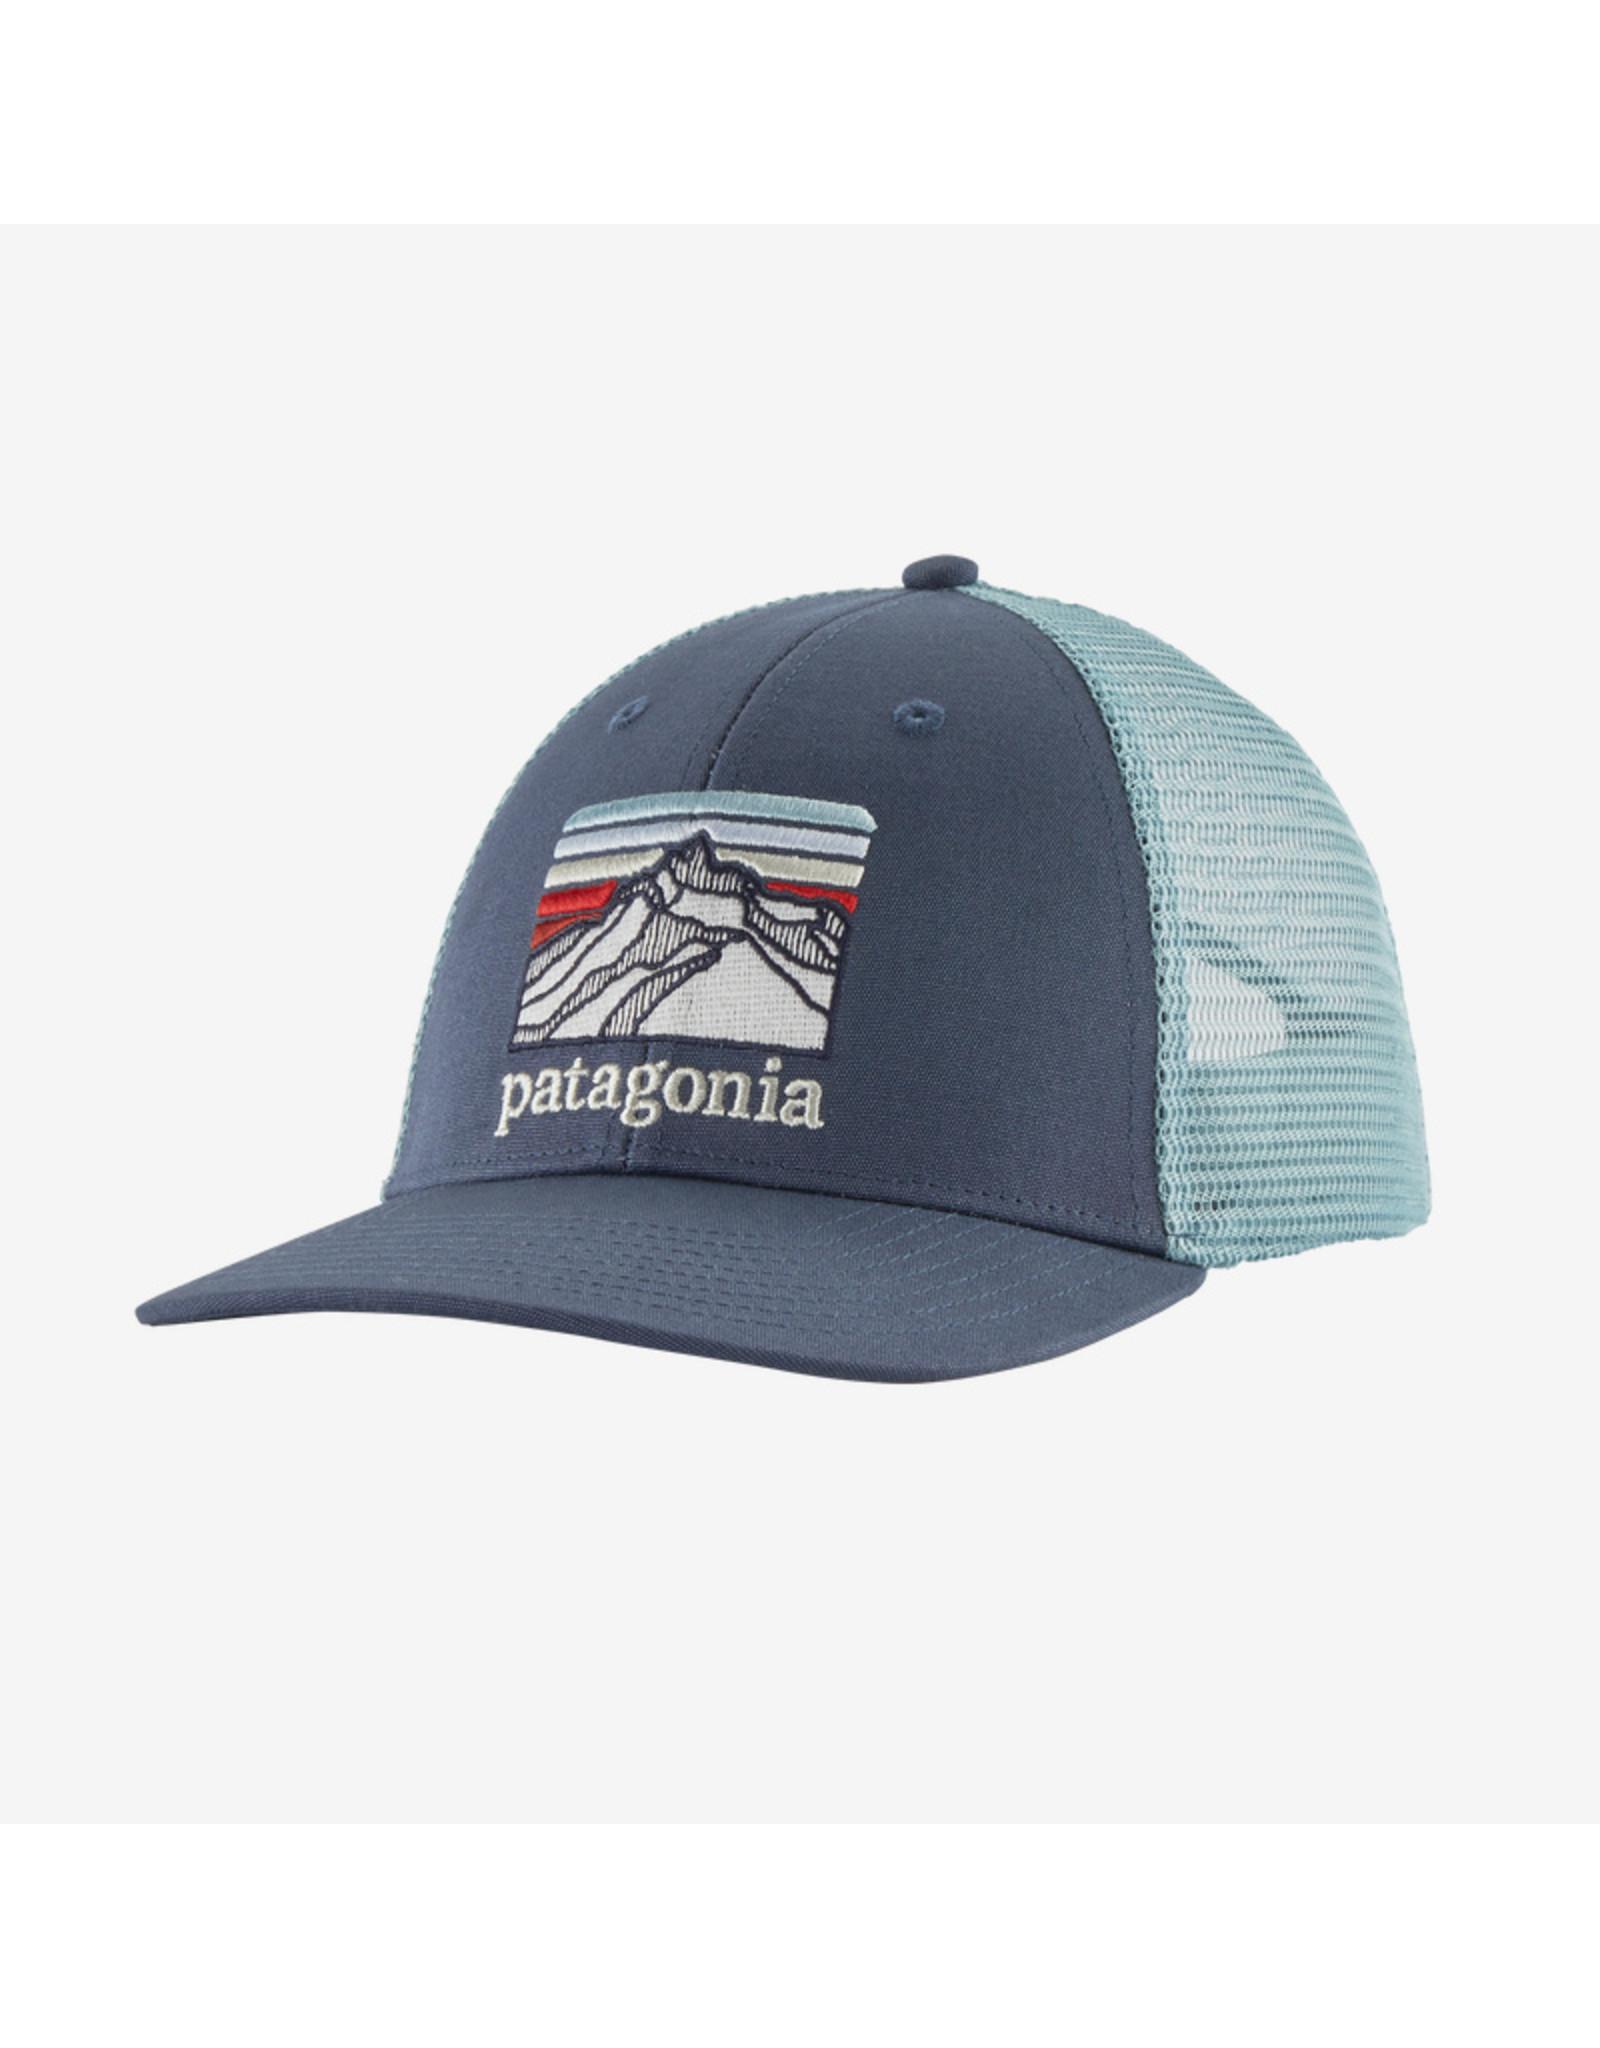 Patagonia Patagonia - Line Logo Ridge LoPro Trucker Hat